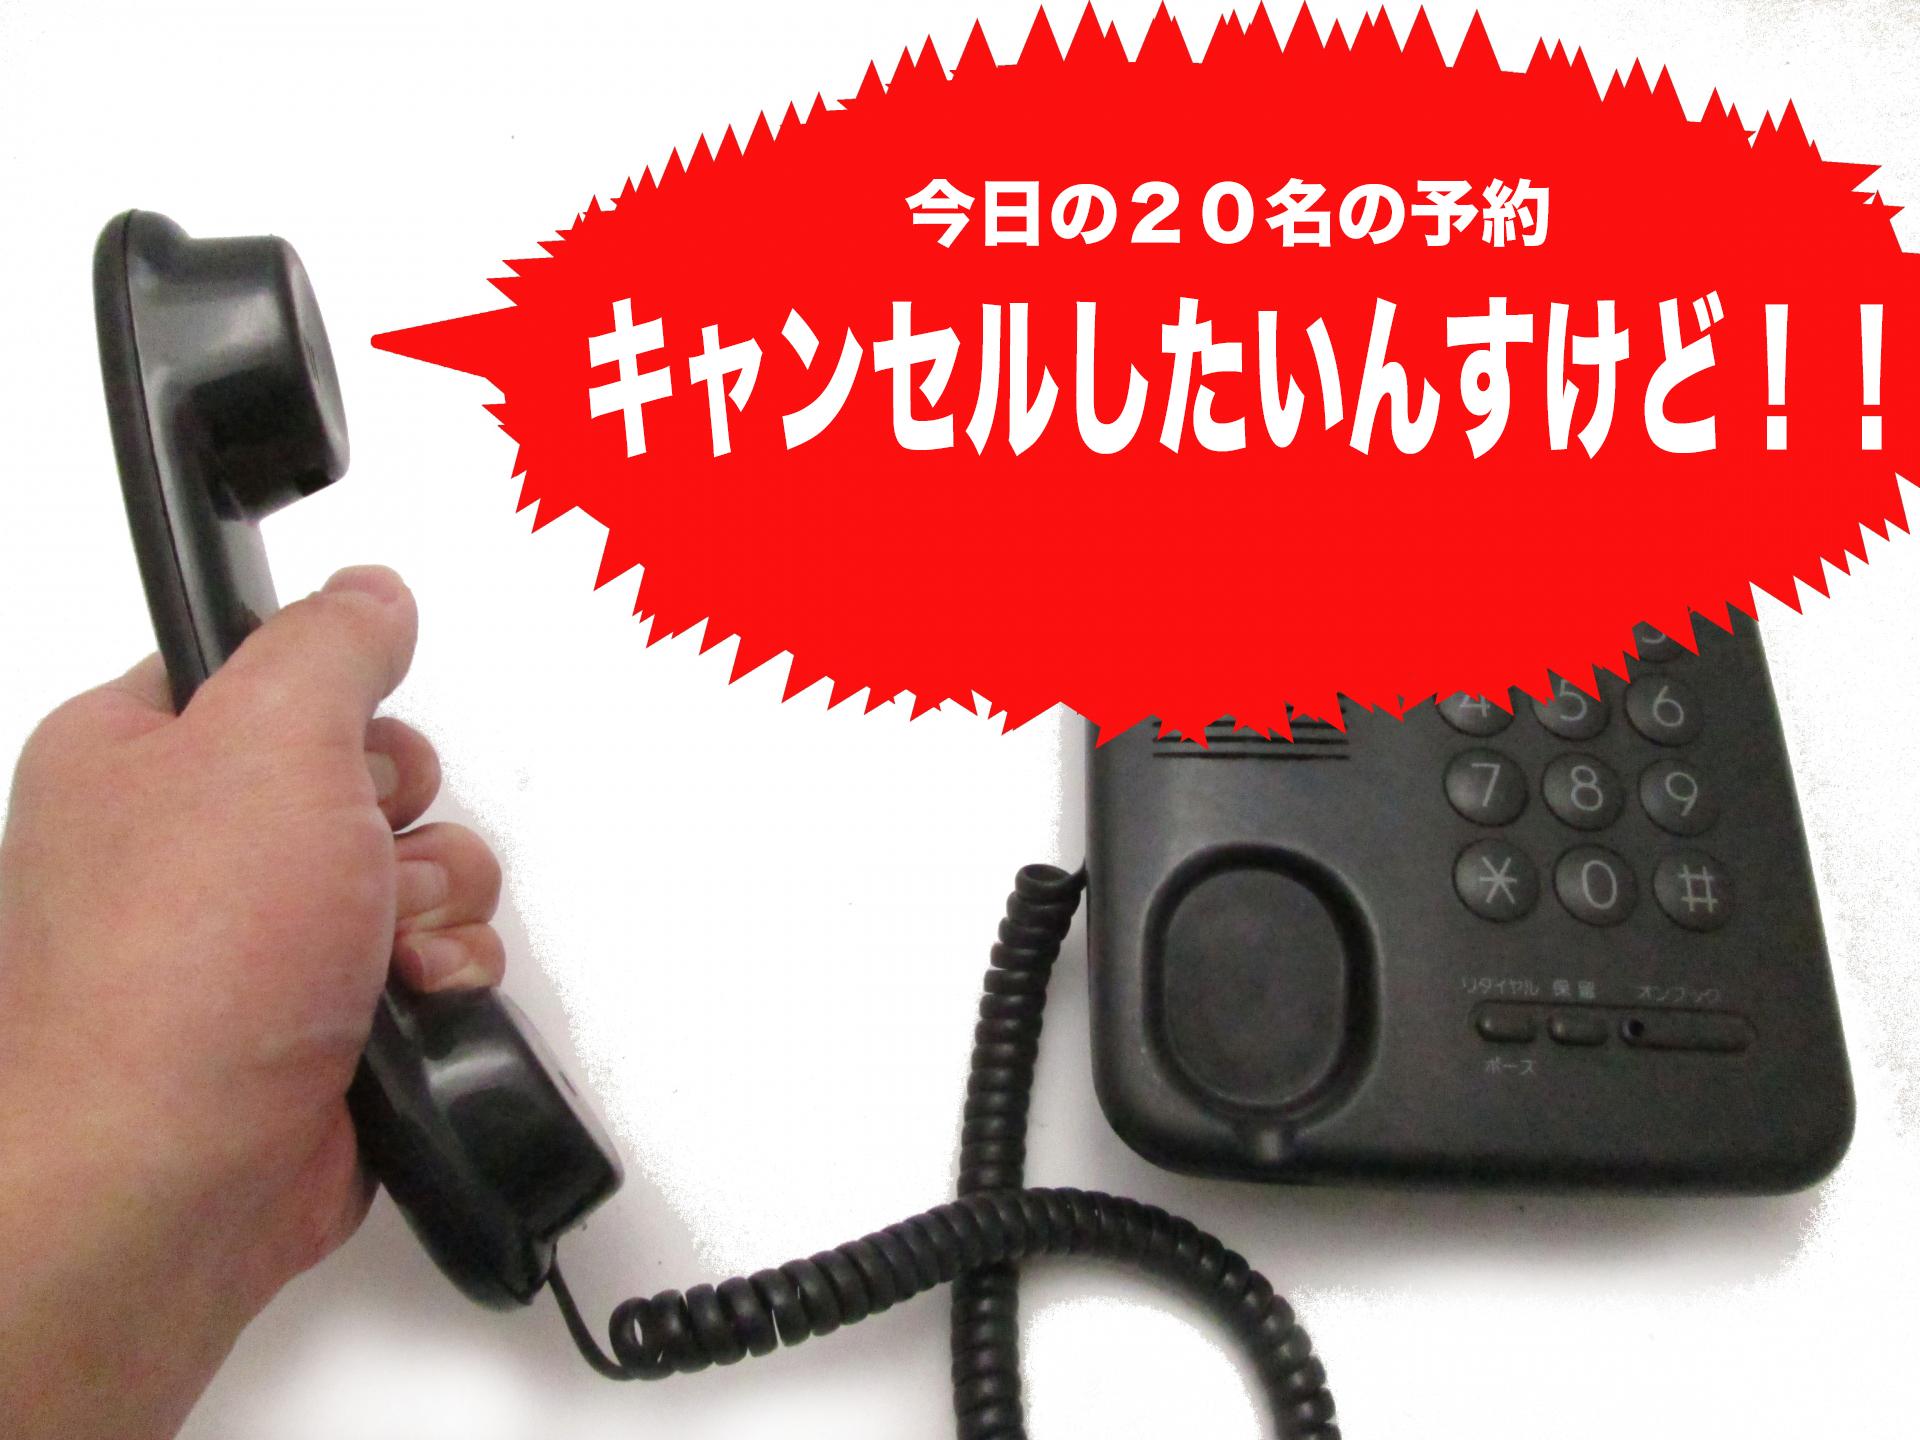 キャンセルの電話のイメージ